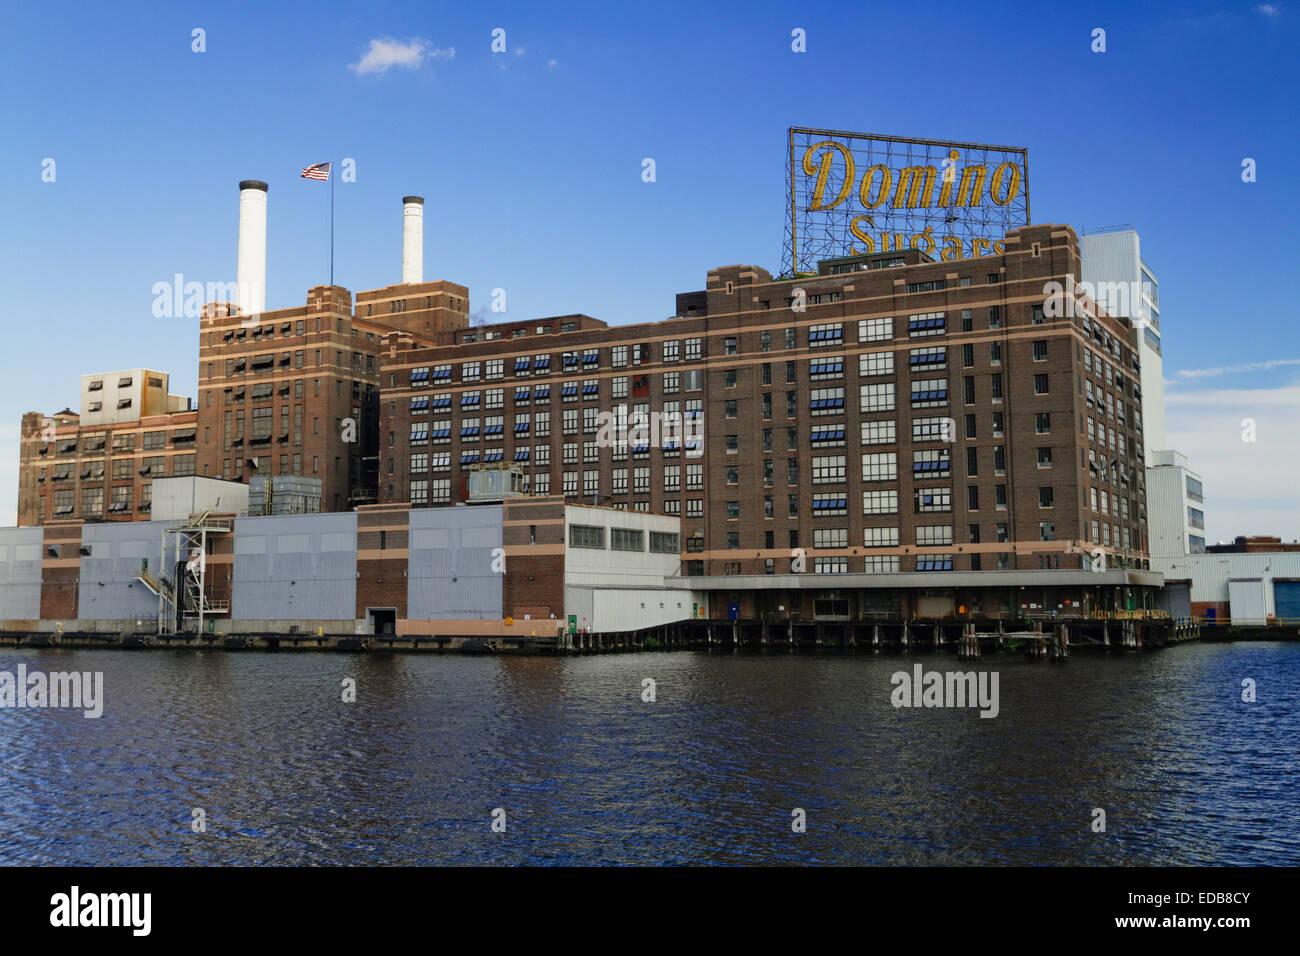 Basso Angolo di visione di un edificio industriale in una baia, Domino zuccheri, Baltimore, Maryland Immagini Stock